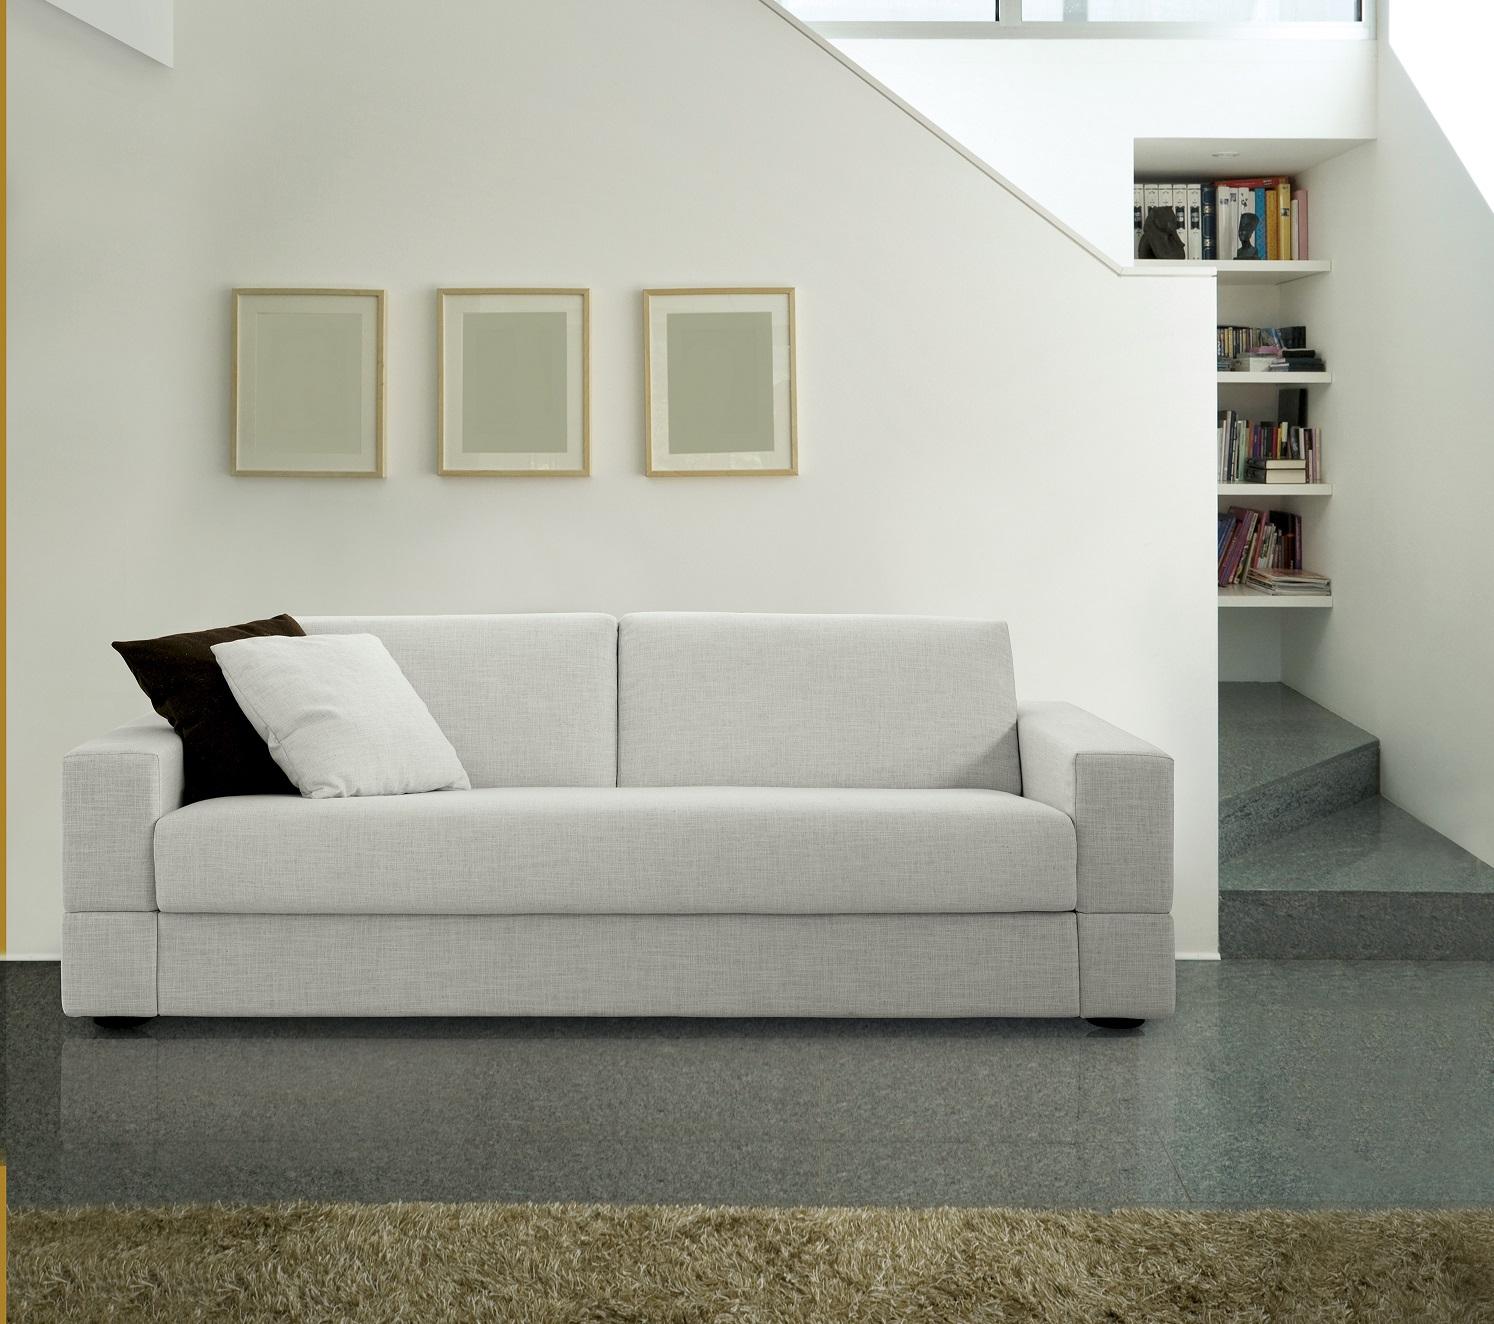 Canap lit brian milano bedding chez vestibule paris vibieffe for Lit convertible paris